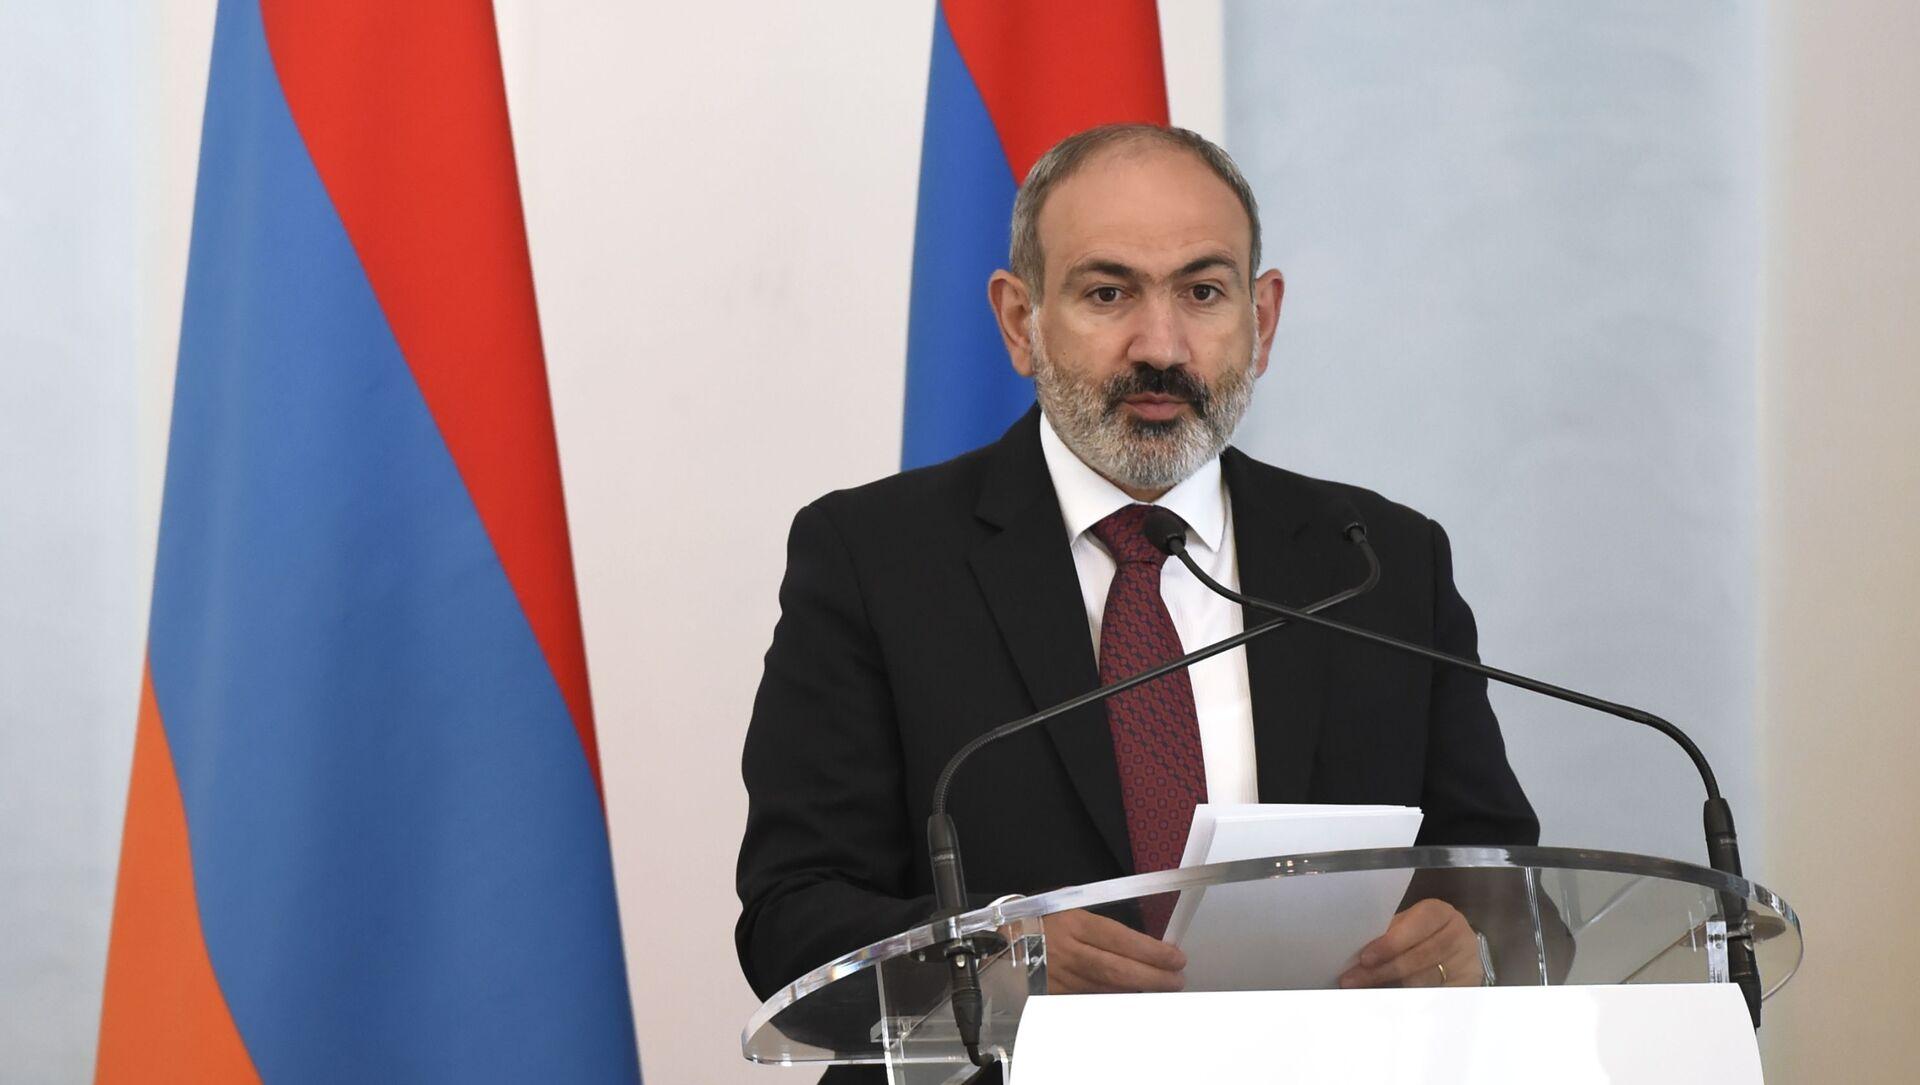 Pełniący obowiązki premiera Armenii Nikol Paszynian - Sputnik Polska, 1920, 14.05.2021